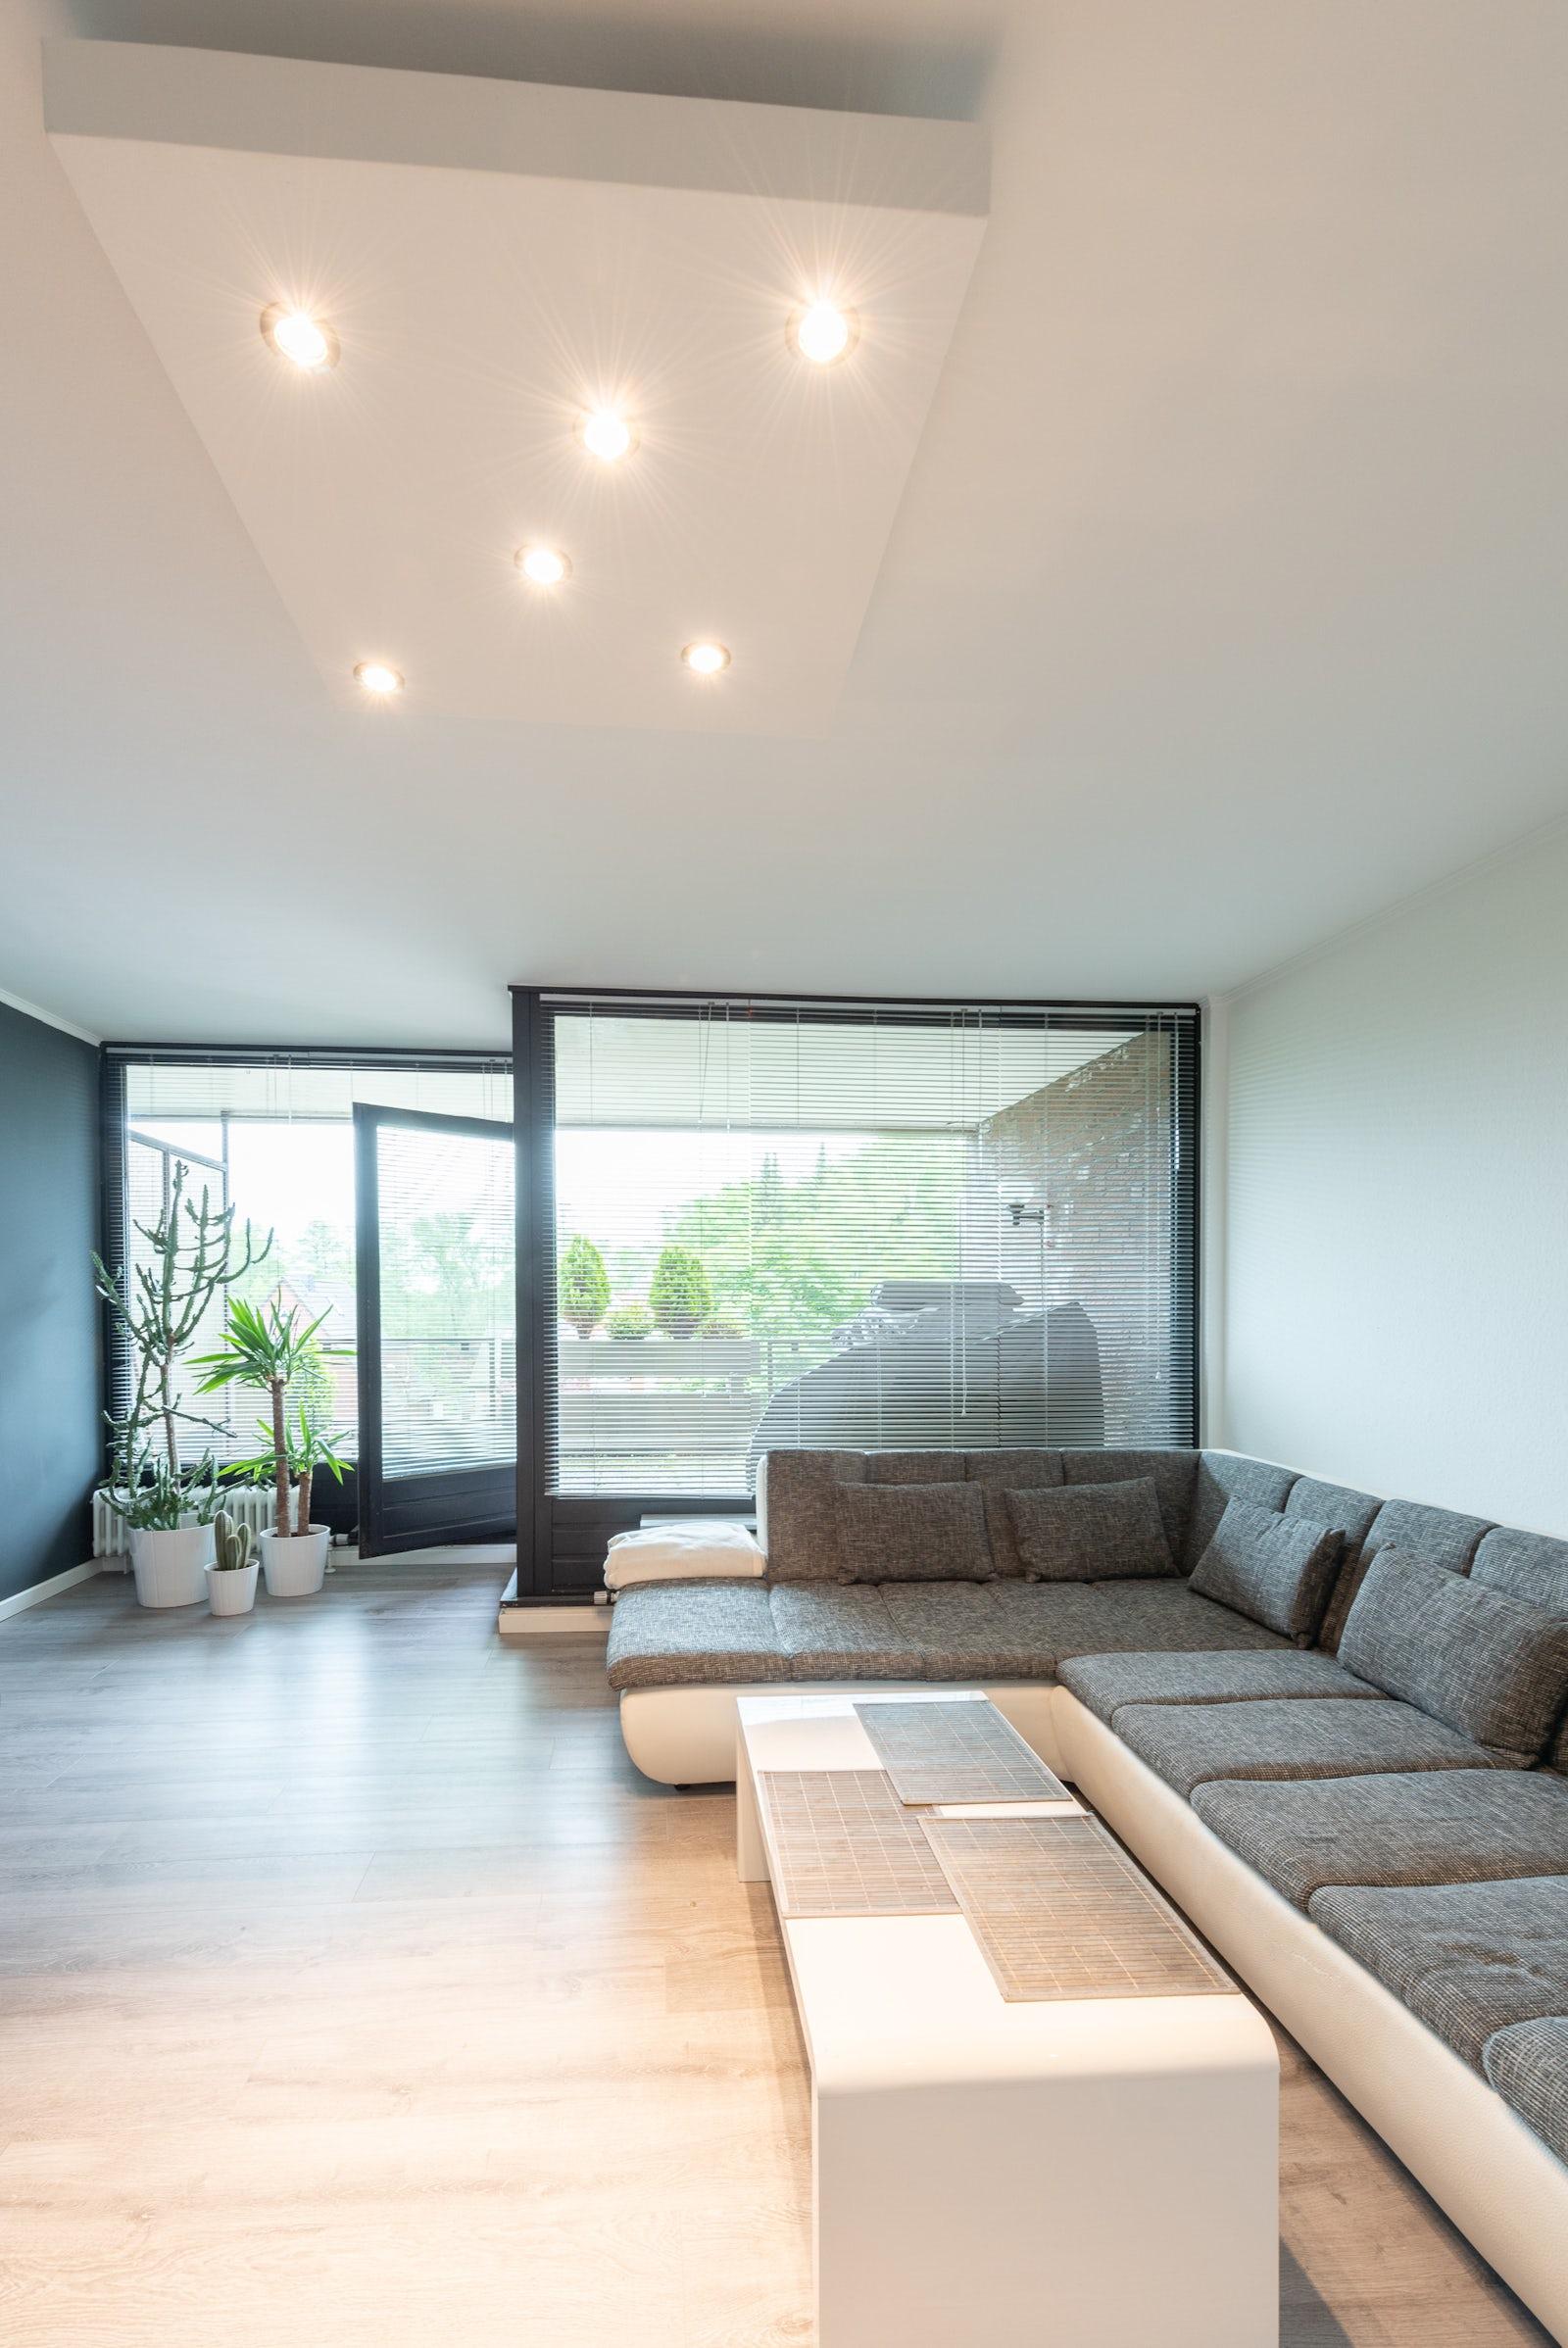 1 Zimmer Etagenwohnung 55 M² In Oststeinbek Homeday